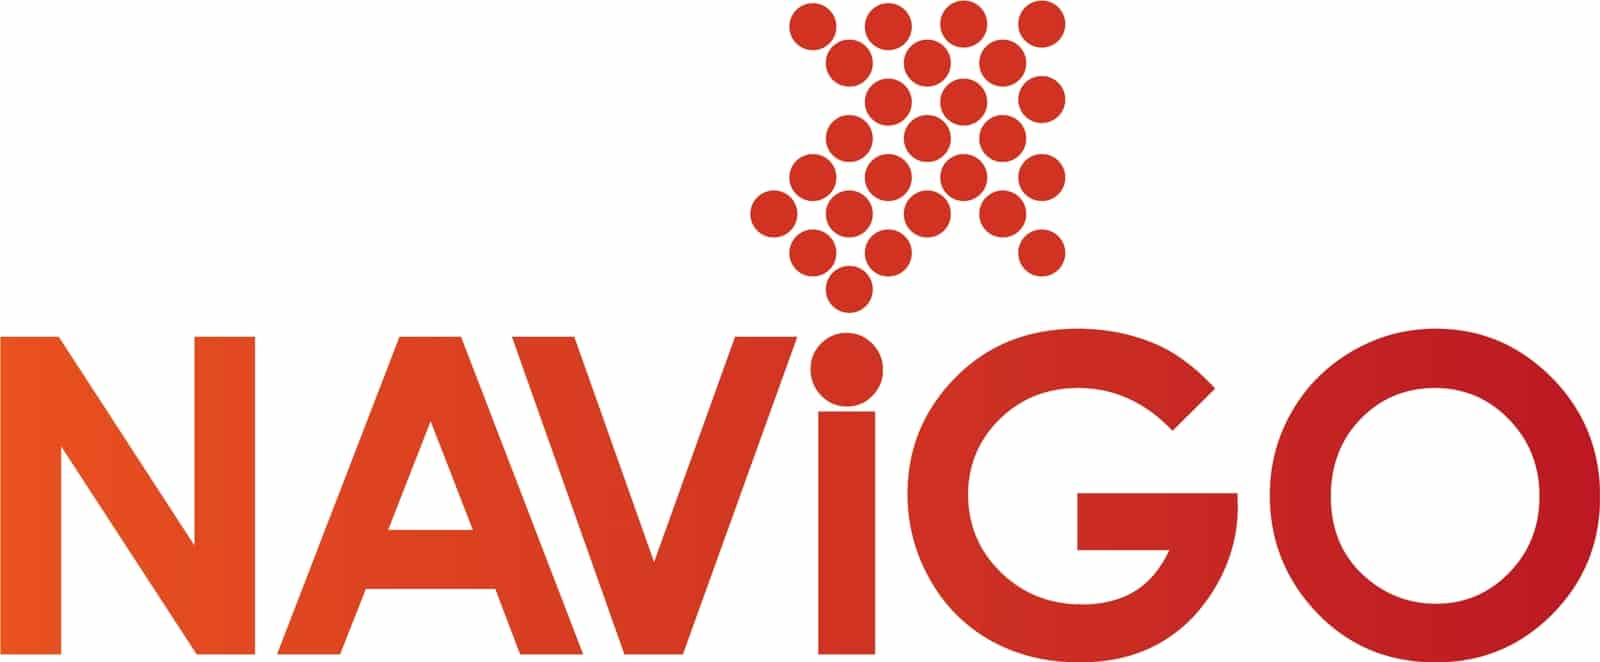 Navigo company logo